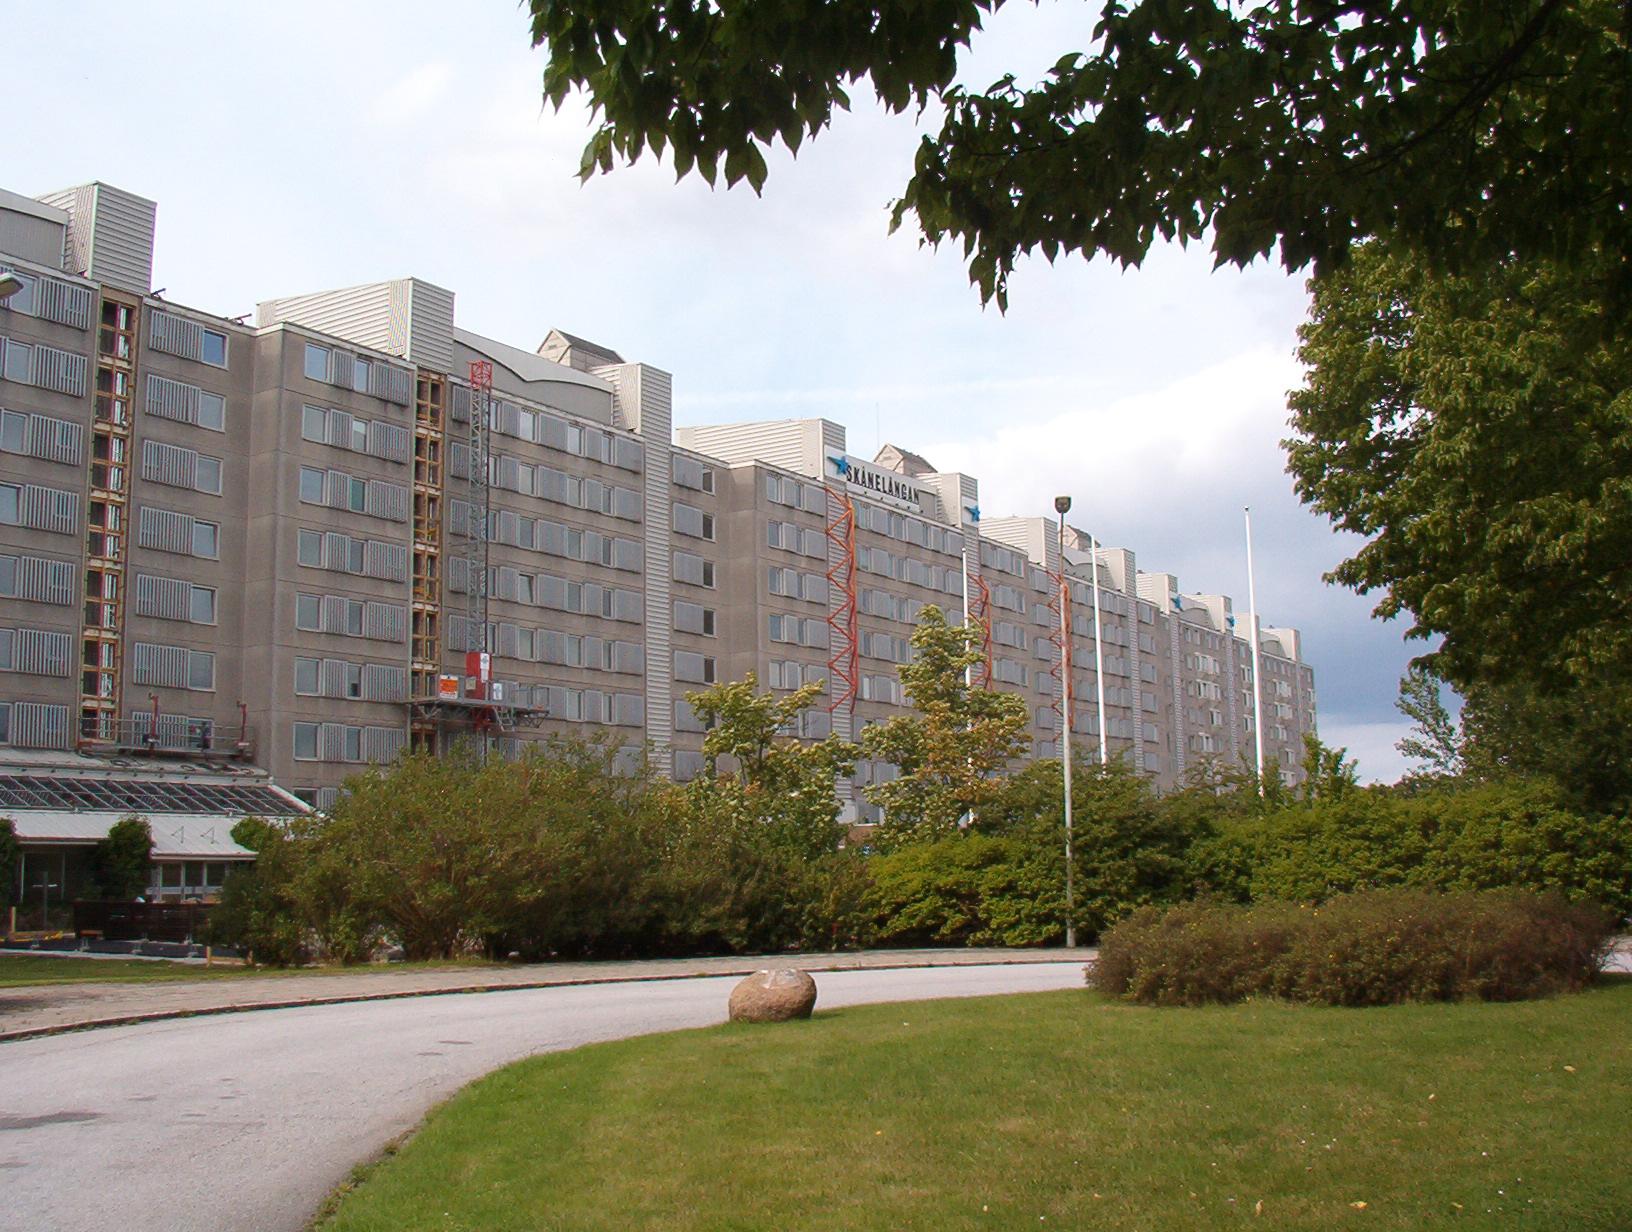 Apartment Complexes In Conshohocken Pa